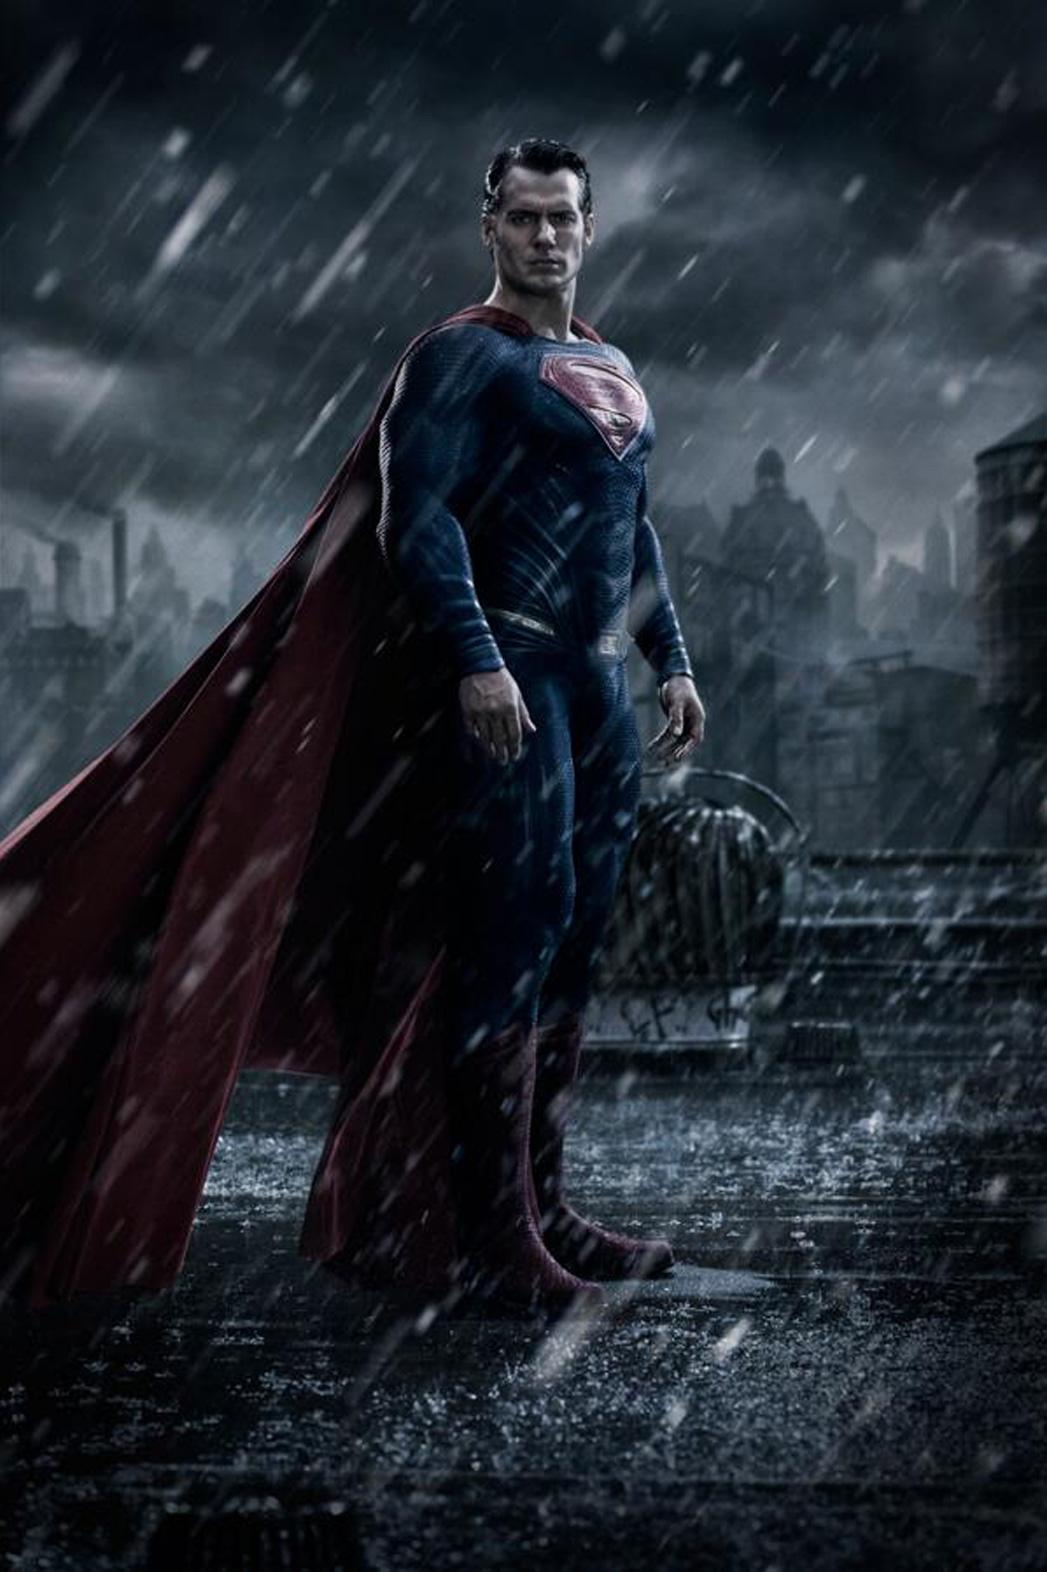 Batman V Superman Cavill 1 - P 2014